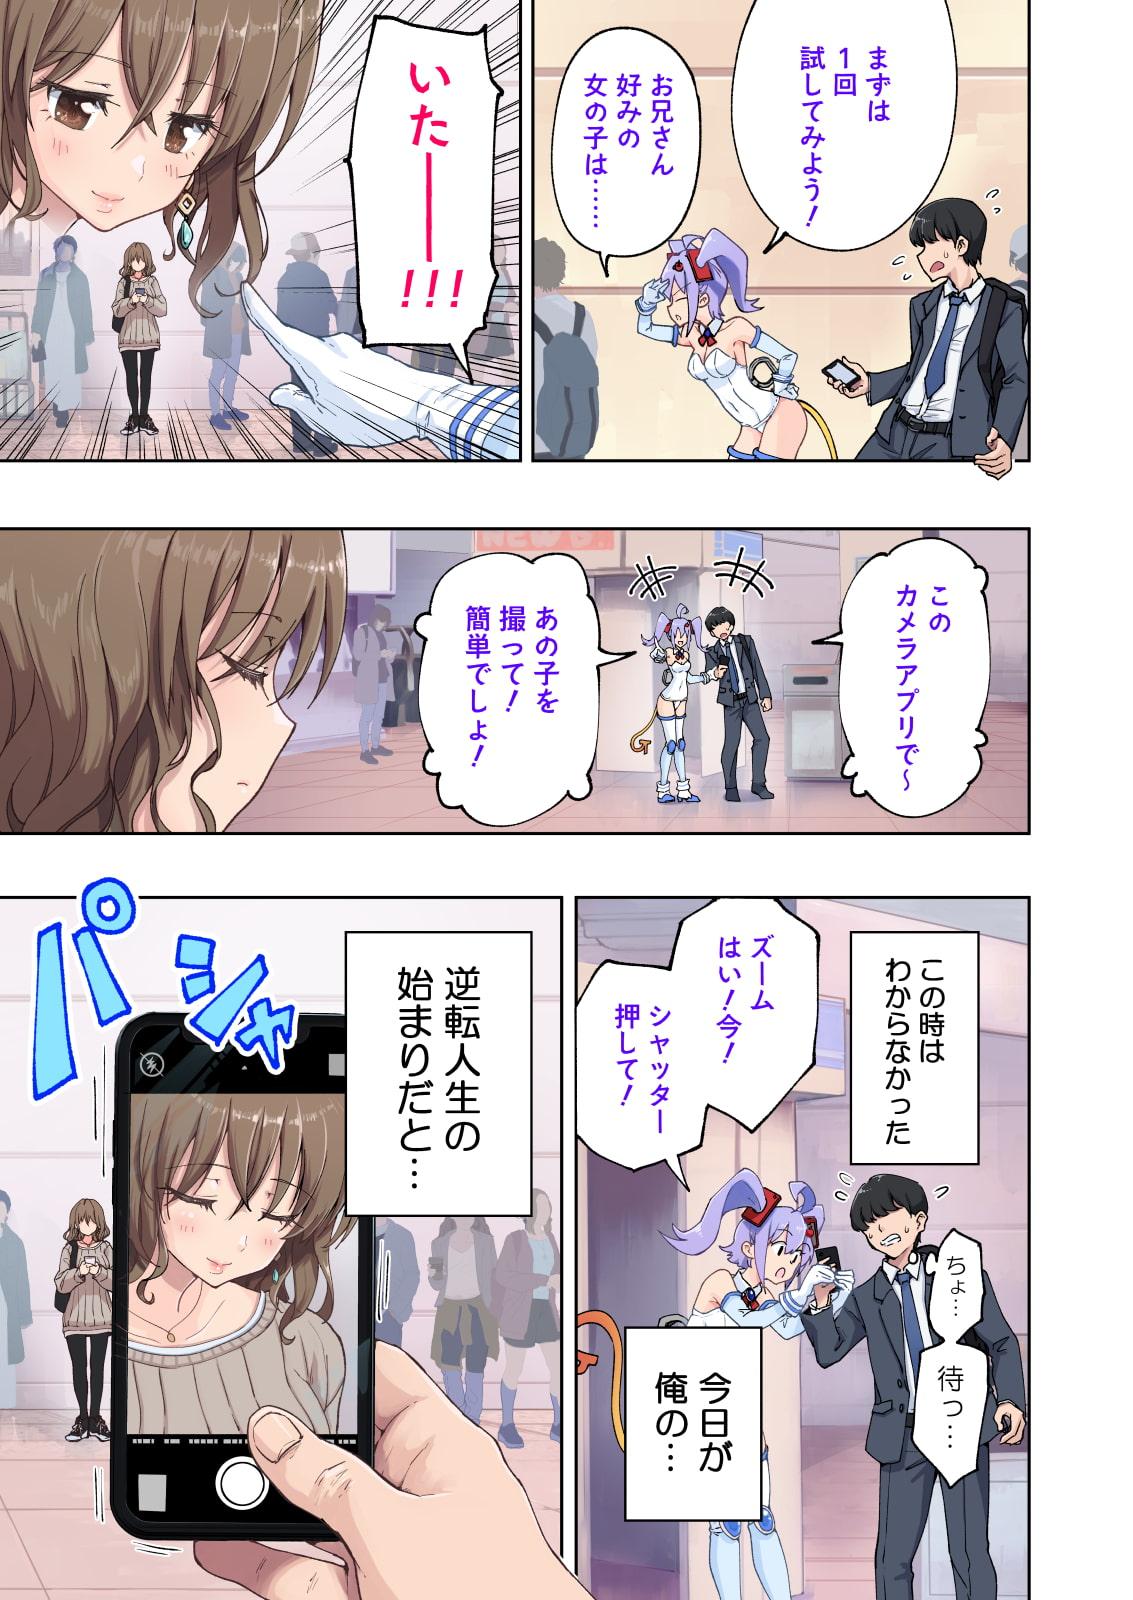 セックススマートフォン~ハーレム学園総集編~ [かみか堂]